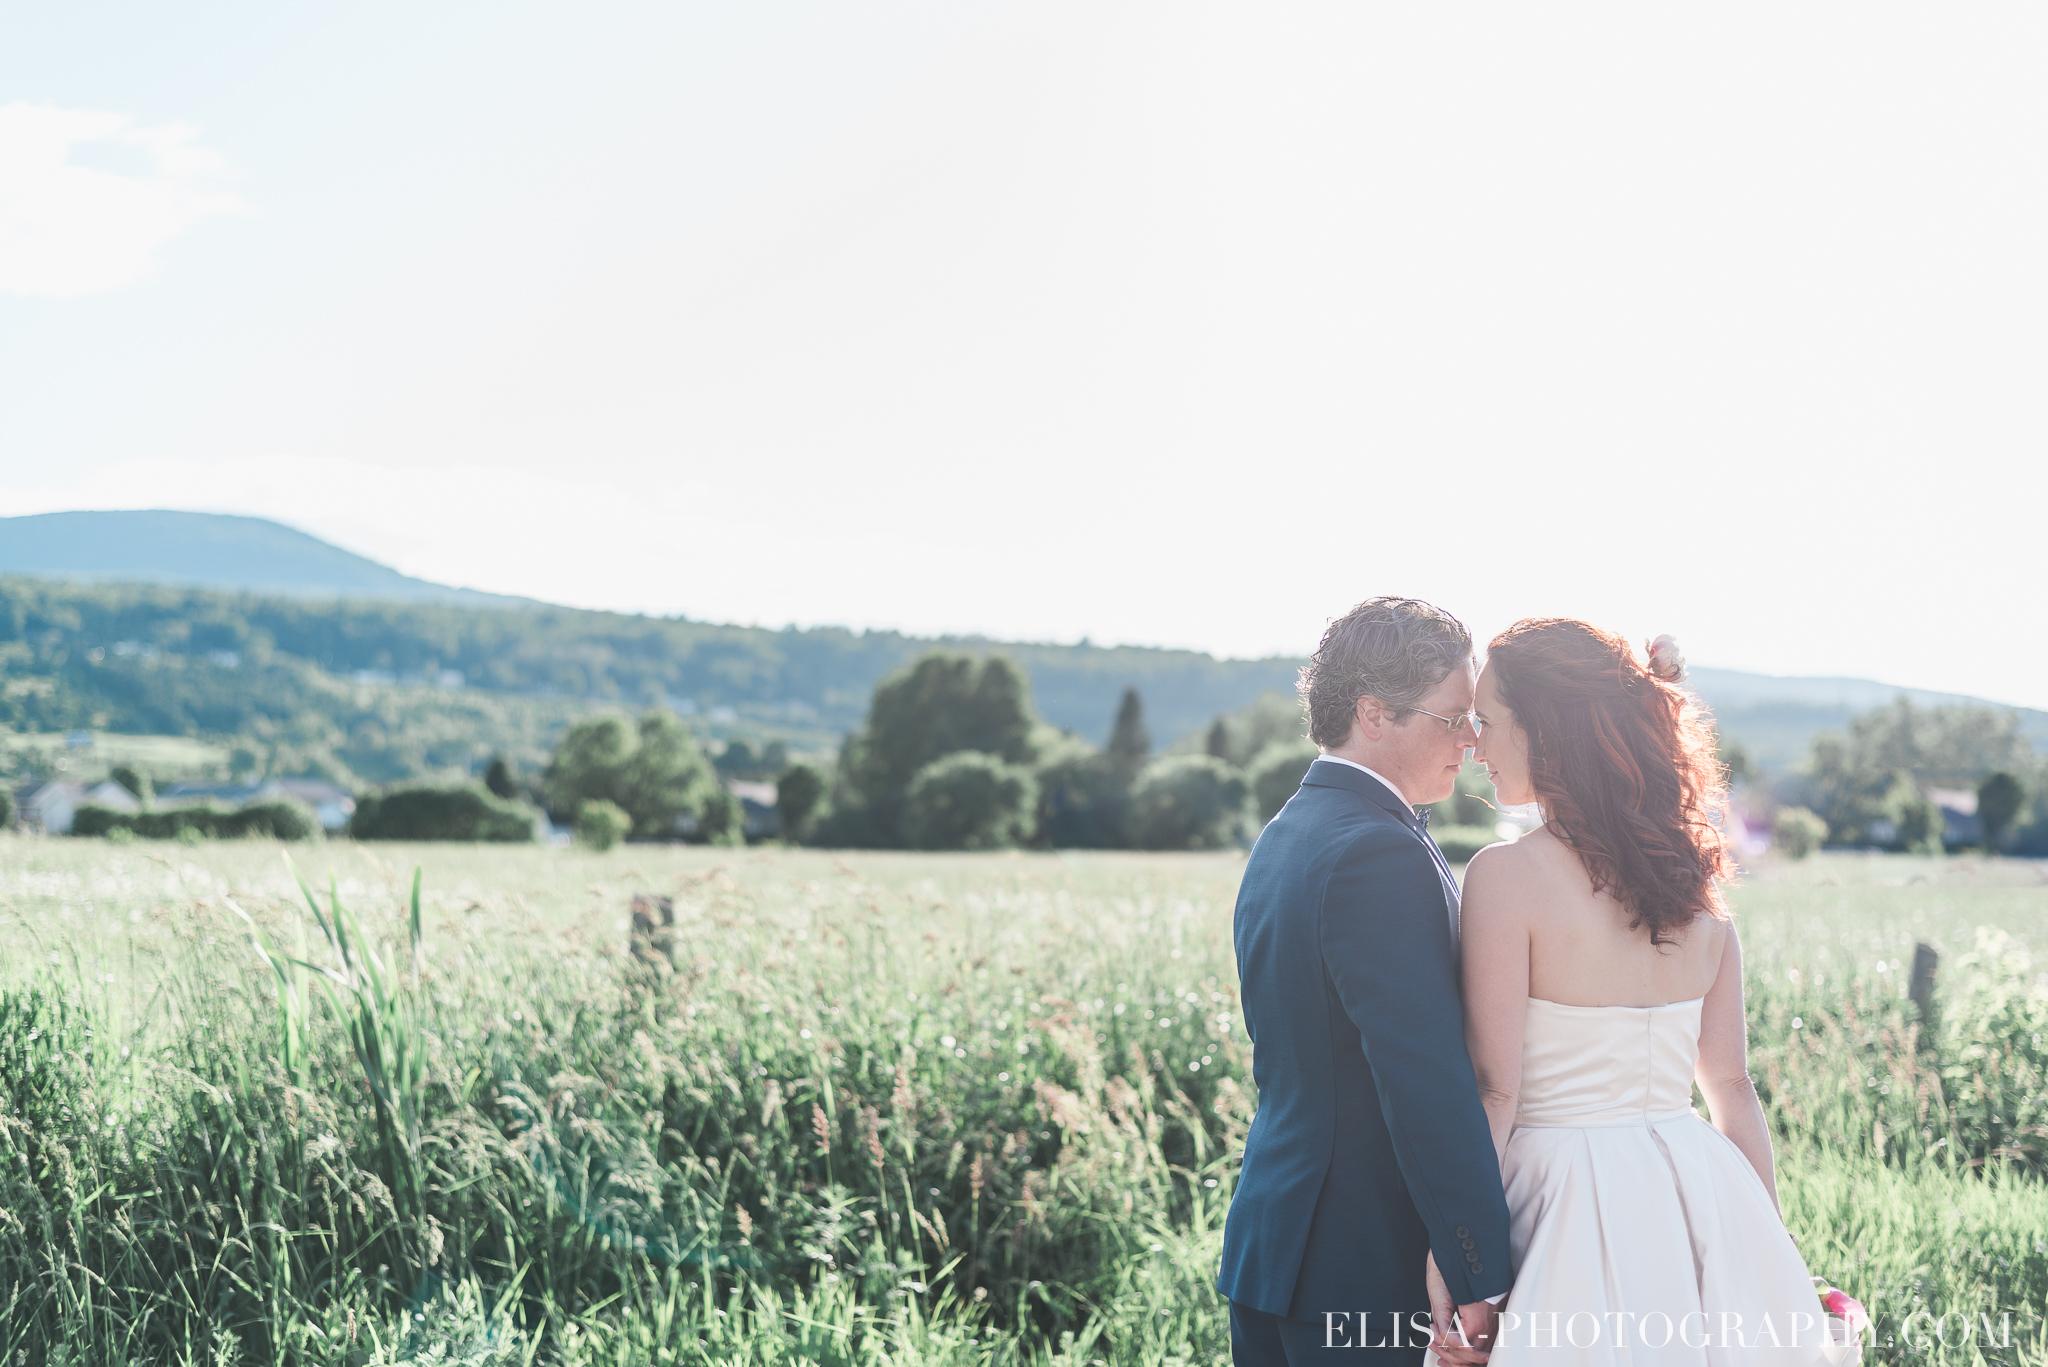 mariage portrait couple mariés montagne champs le germain charlevoix photo 9729 - Mariage en toute élégance à l'hôtel Le Germain de Charlevoix: Véronique & Eric